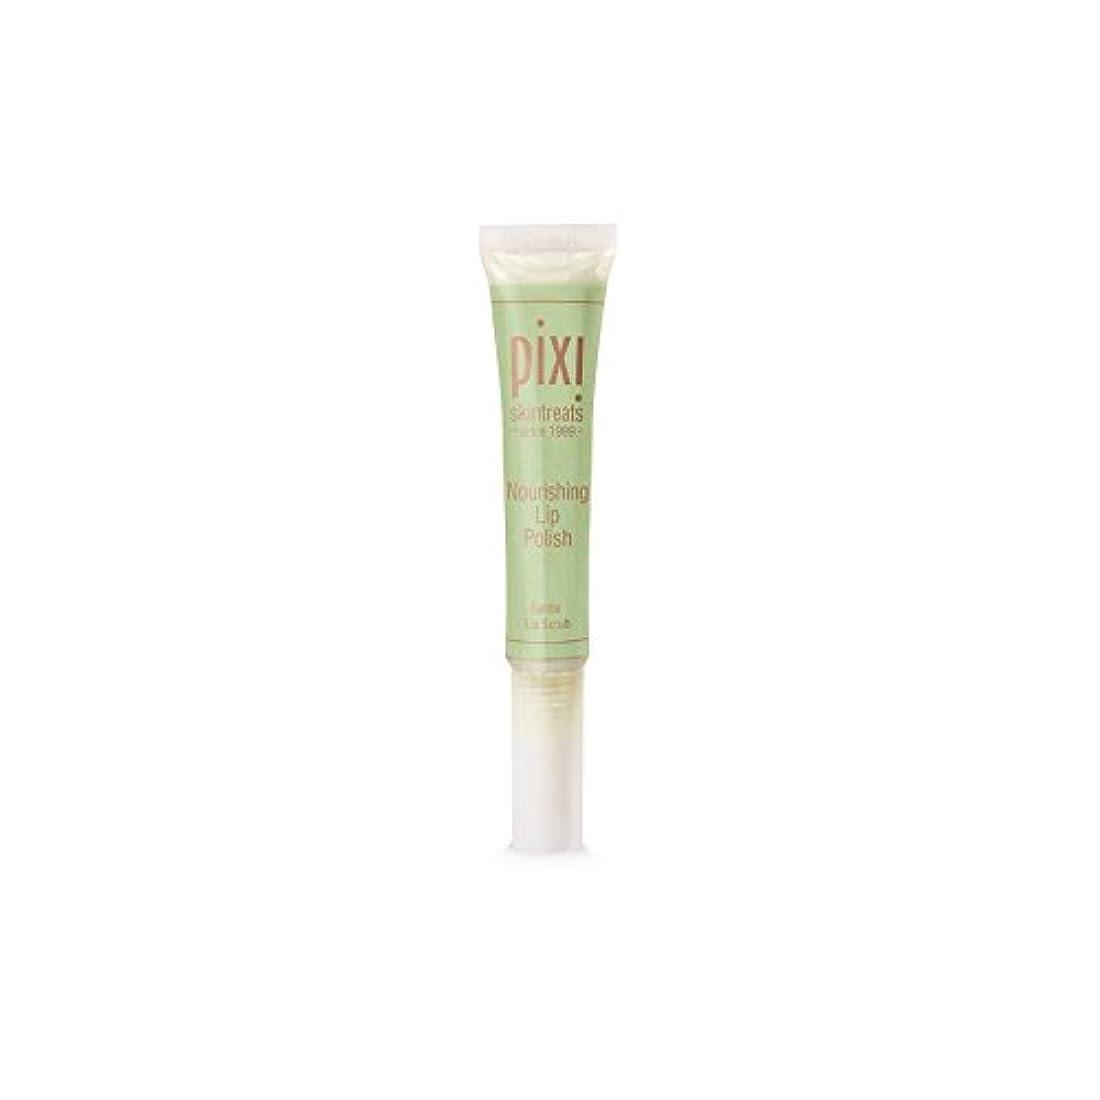 研究所幾分垂直Pixi Nourishing Lip Polish - 栄養リップポリッシュ [並行輸入品]